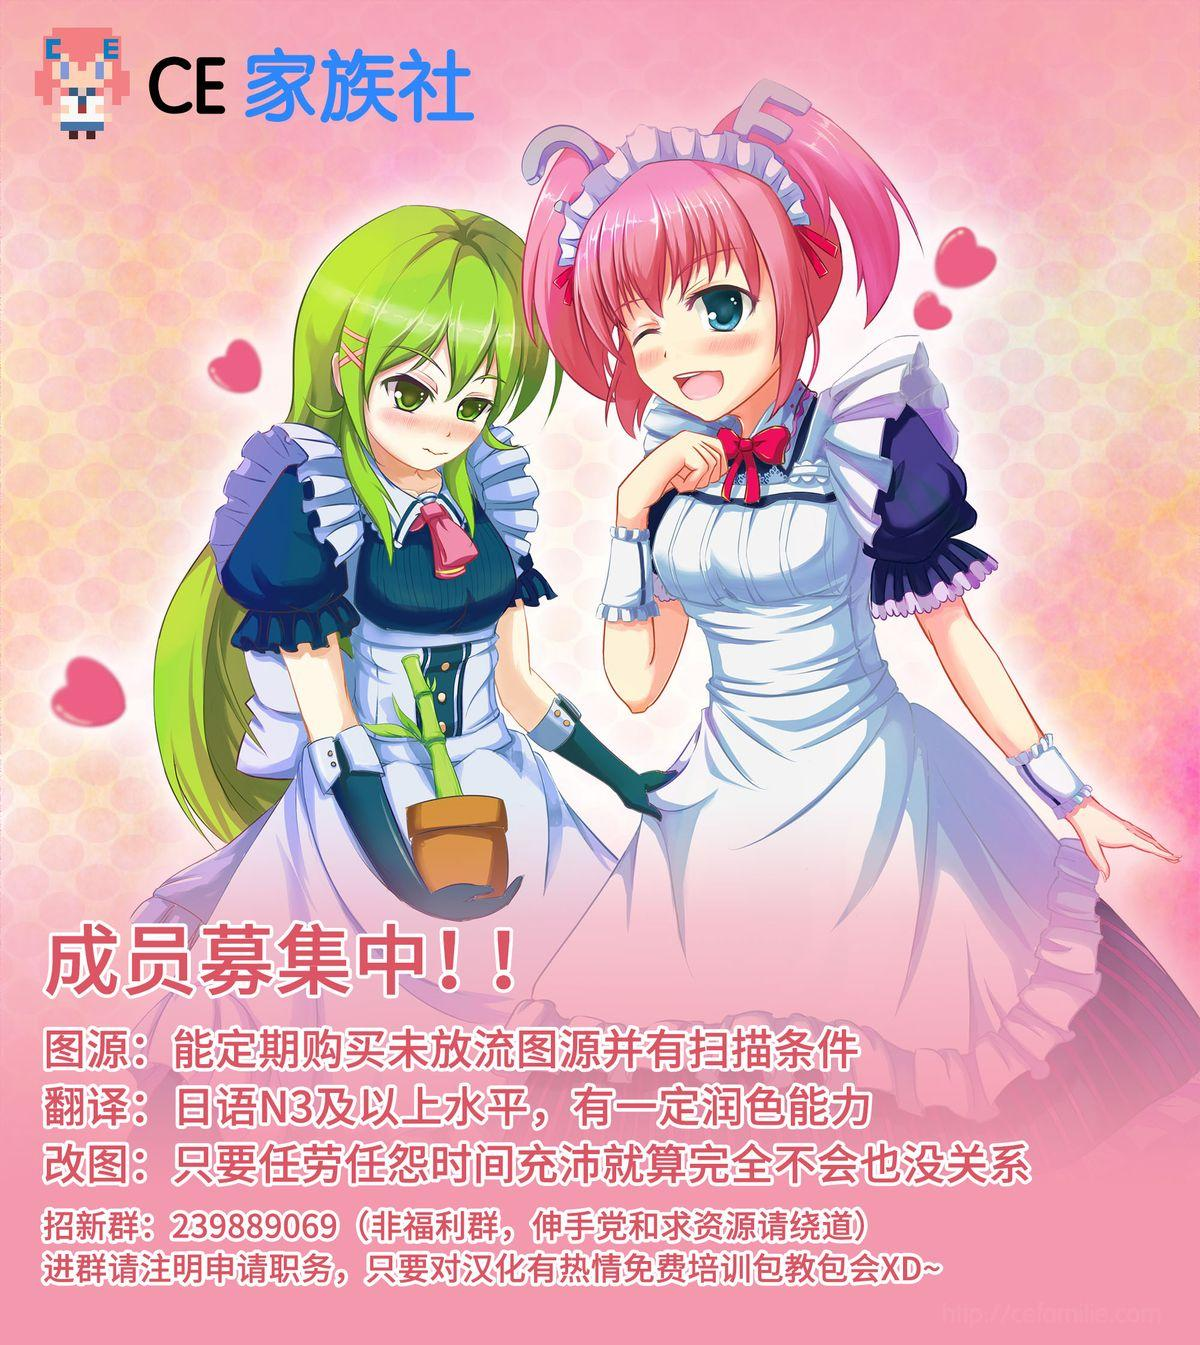 Watashi o Tasuke ni Kita Kaname-san made Issho ni Rape Sareru Wake ga Nai 23